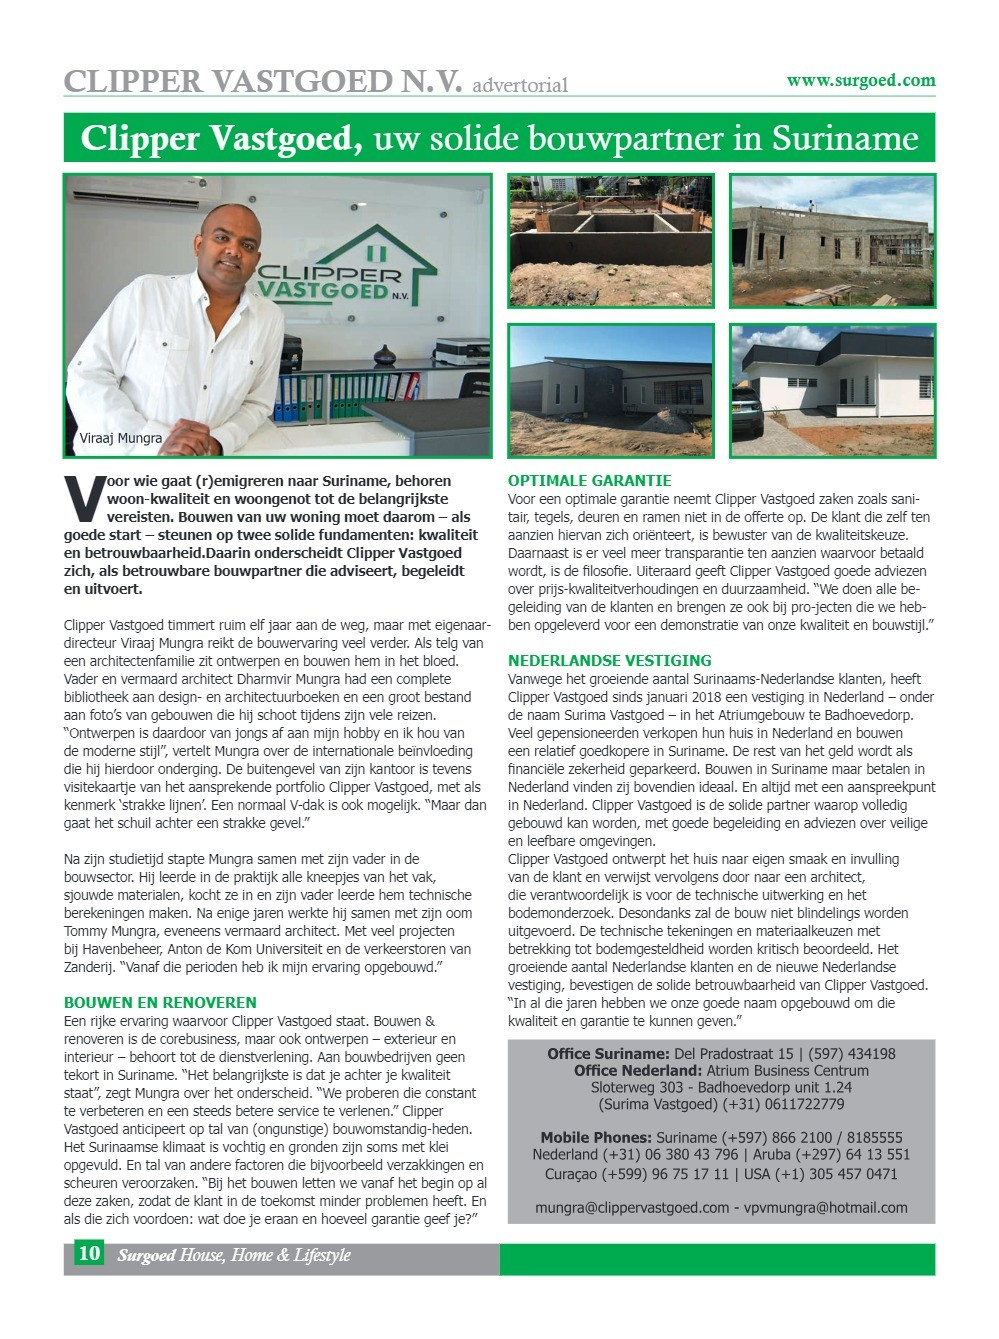 Clipper Vastgoed, uw solide bouwpartner in Suriname